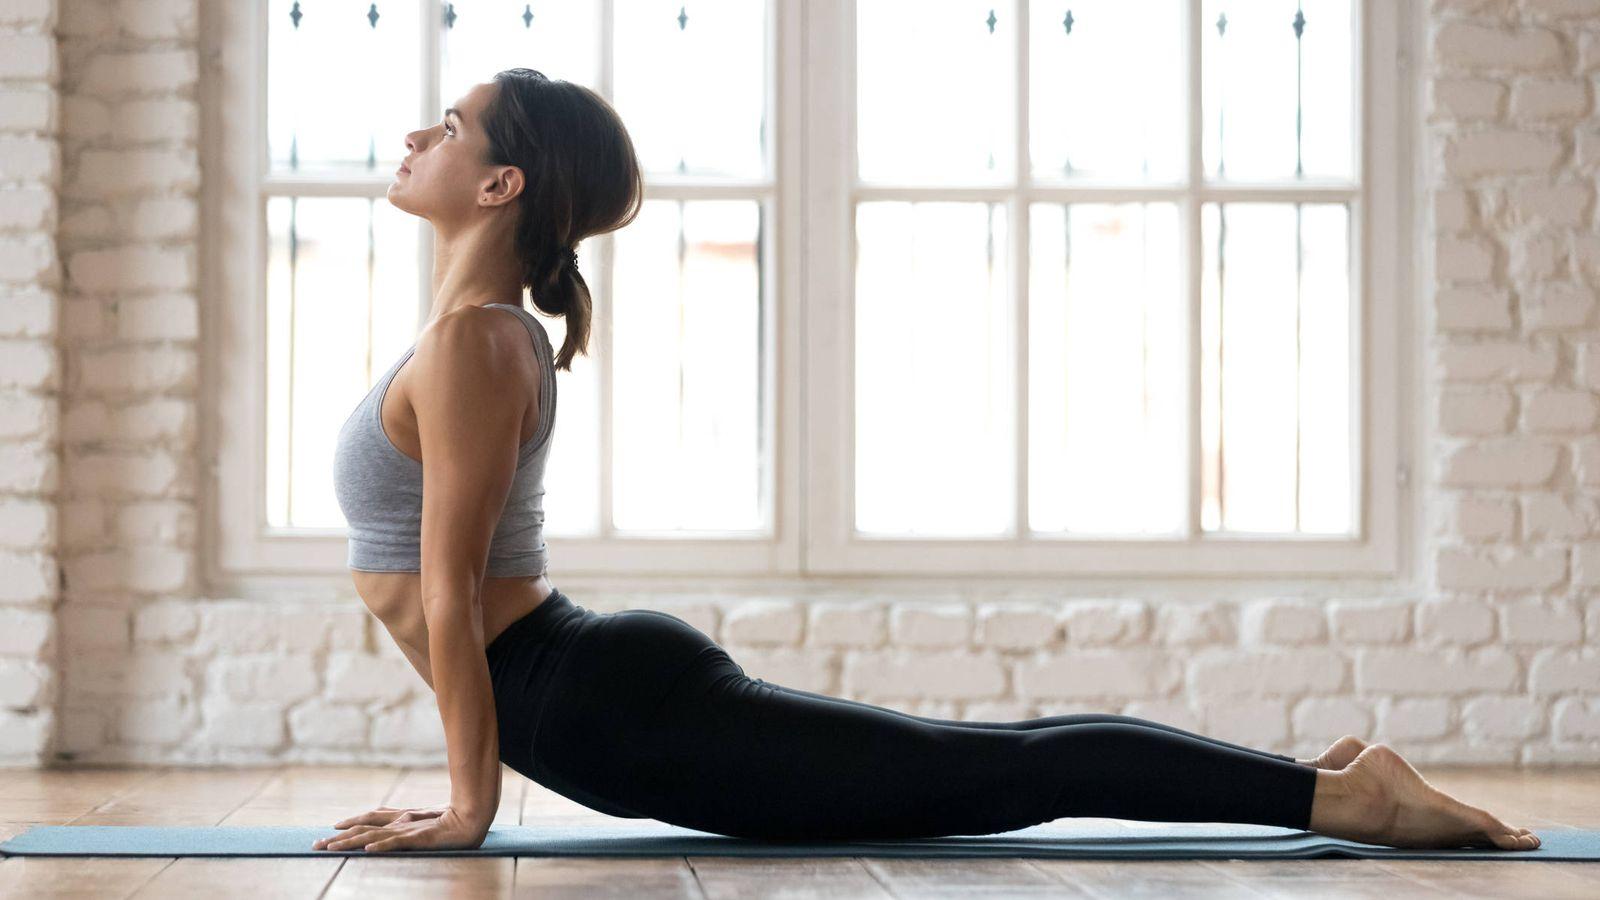 El yoga puede mejorar la salud del corazon